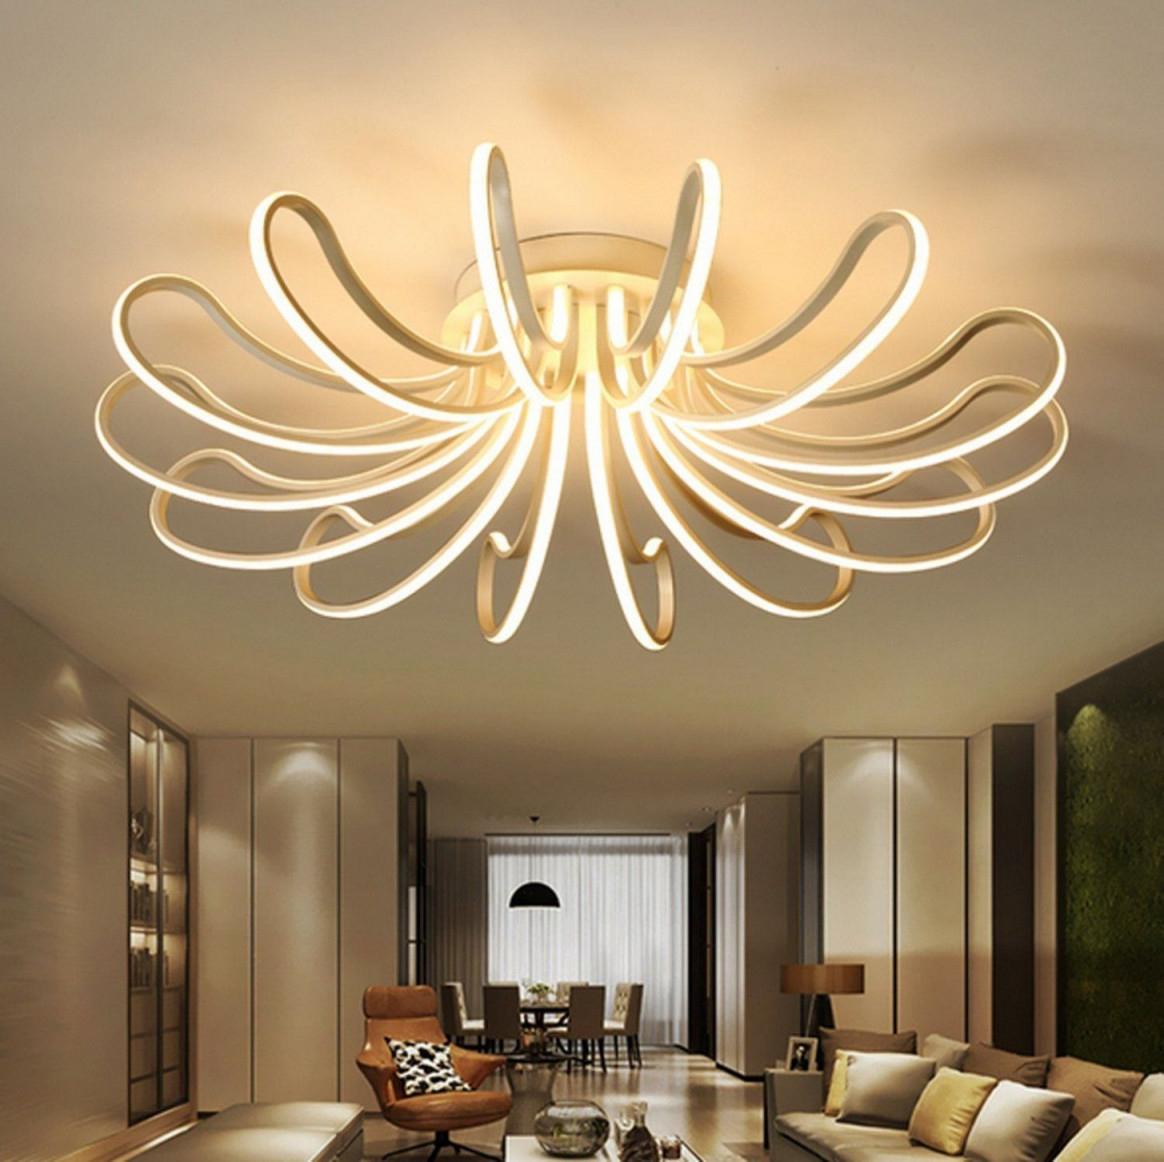 14 Wohnzimmer Deckenleuchten Fashionable In 2020  Lampen von Wohnzimmer Lampe Led Bild